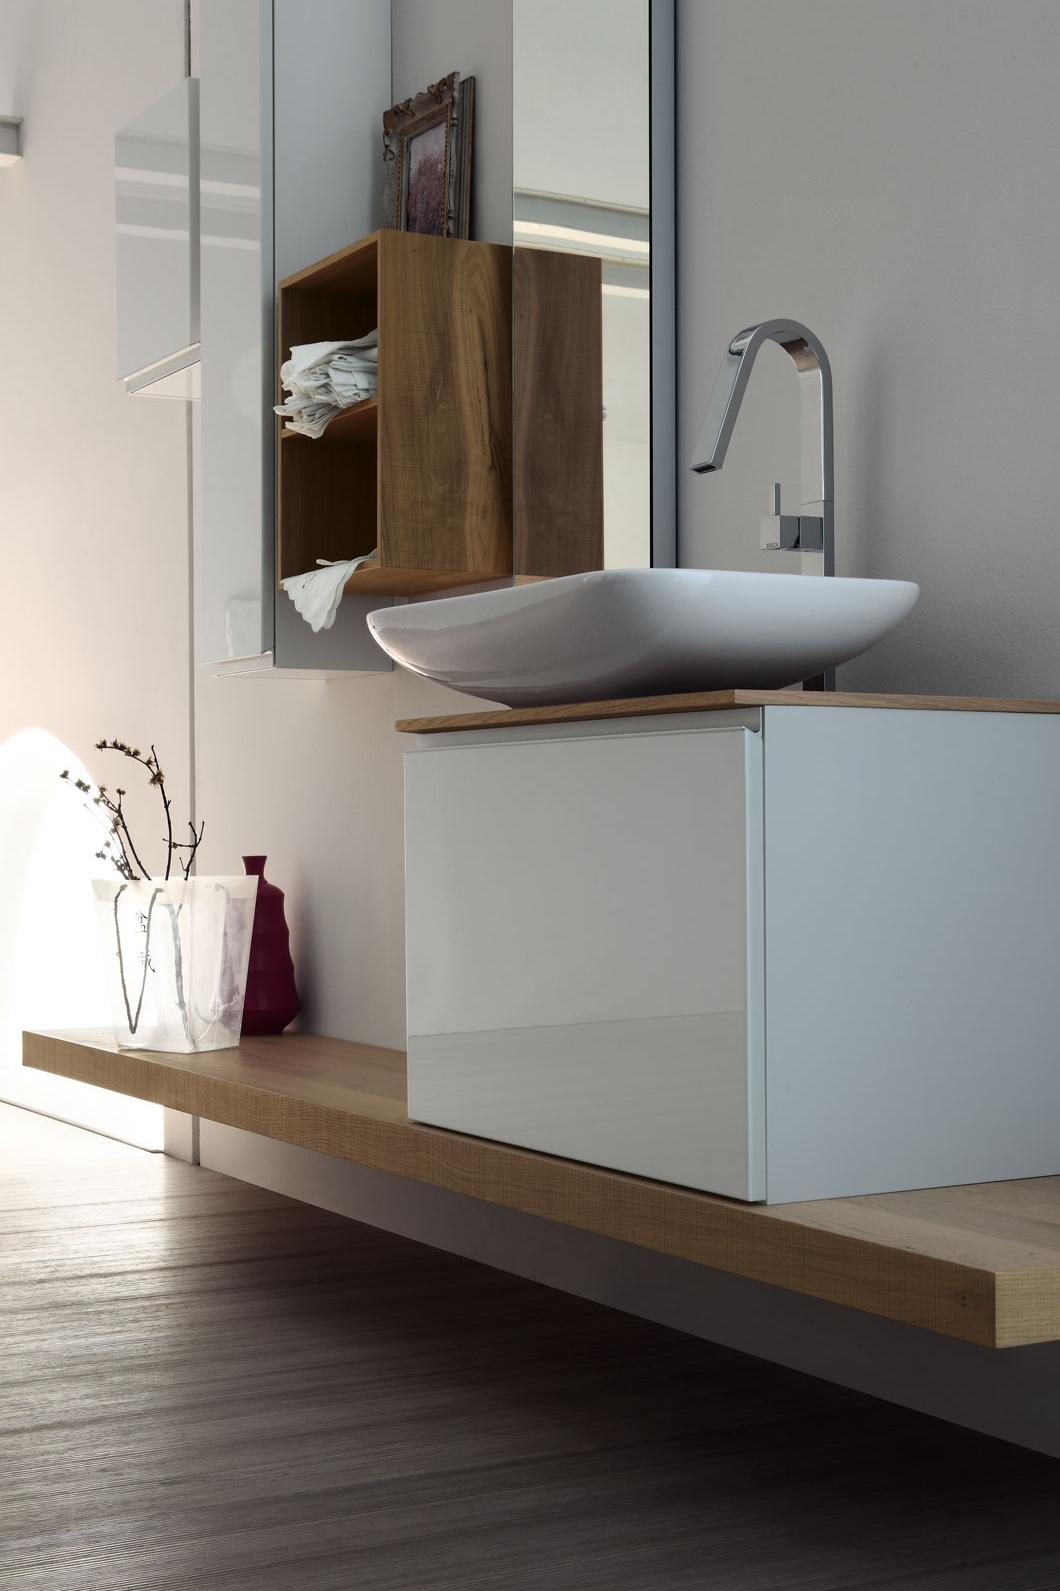 Top in legno - I top sospesi in essenza creano composizioni ispirate all'incontro naturale degli elementi. Il suo forte spessore equilibra la leggerezza dell'insieme.